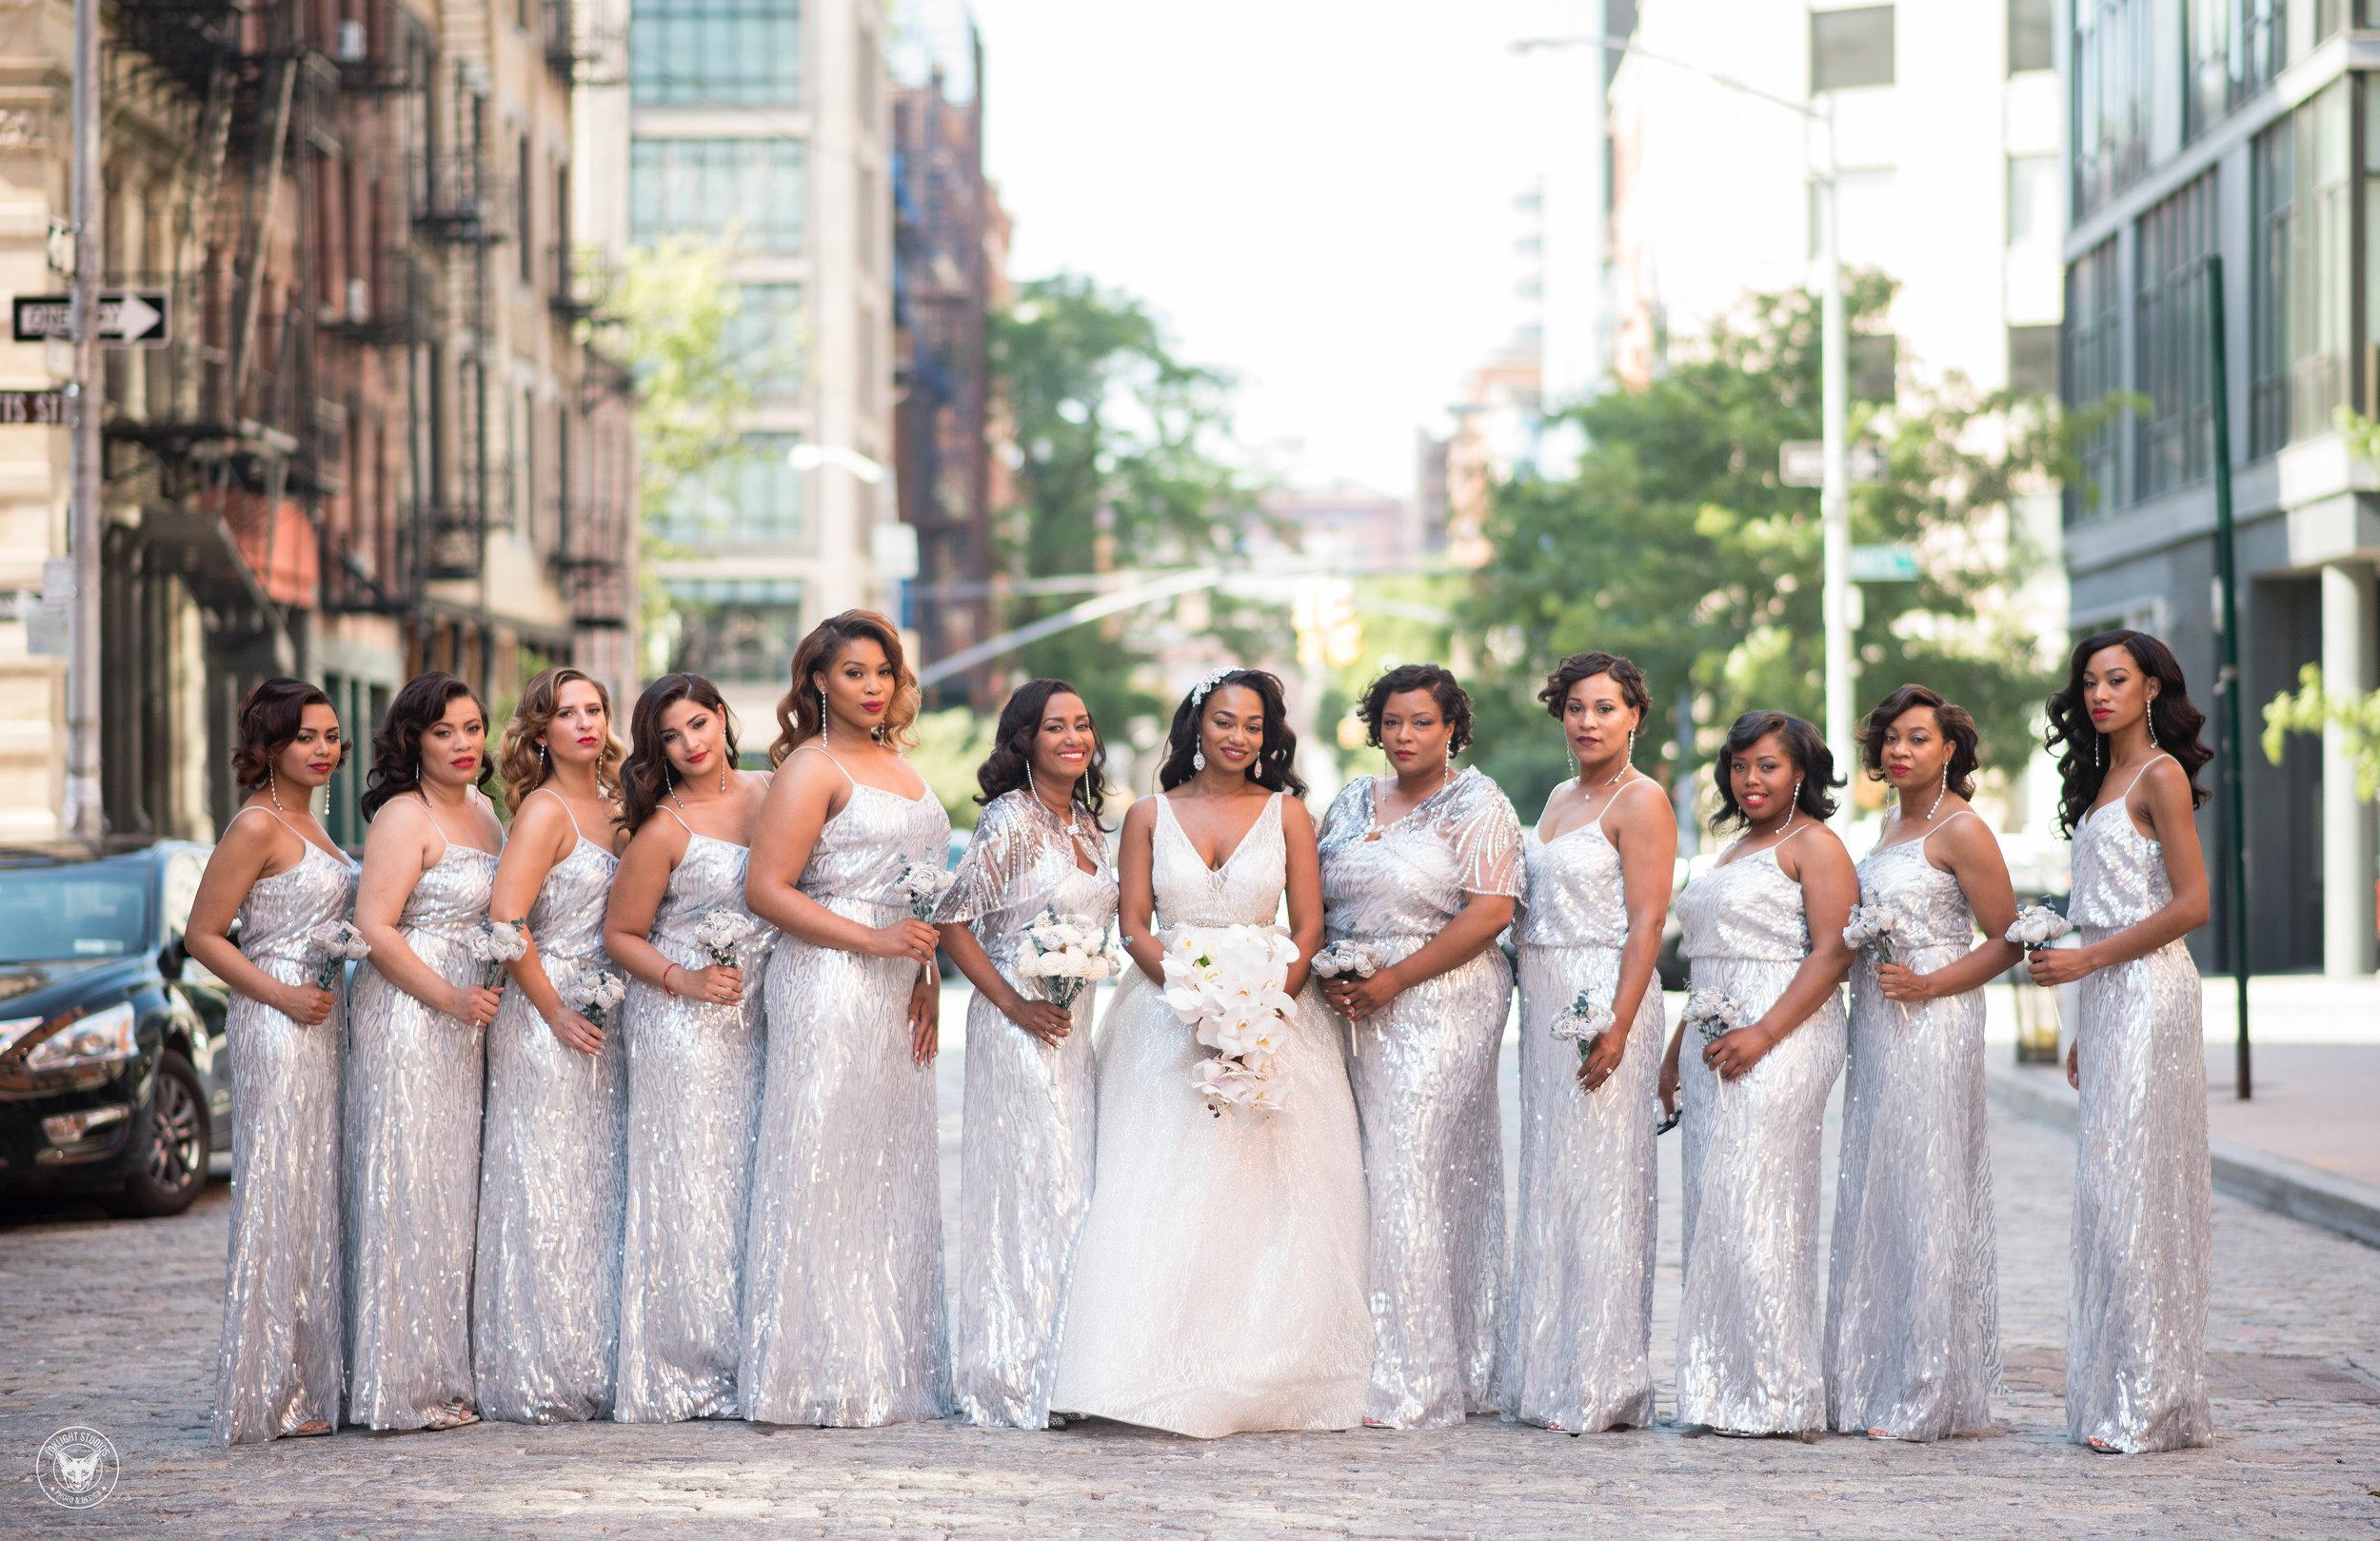 Tribeca_Rooftop_Wedding25.jpg